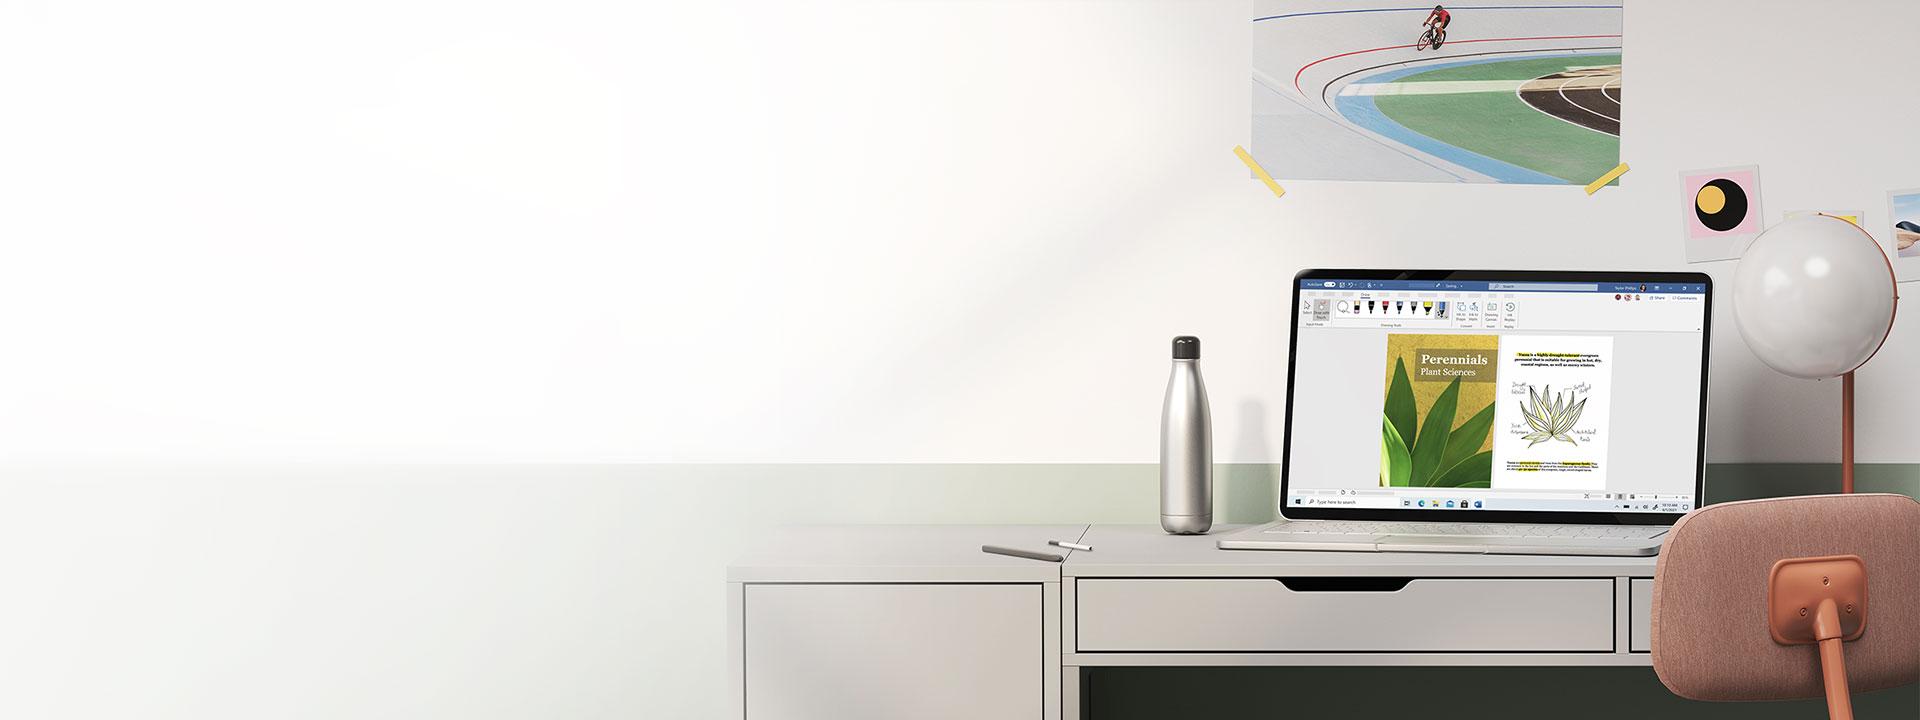 Windows10-Laptop auf einem Schreibtisch